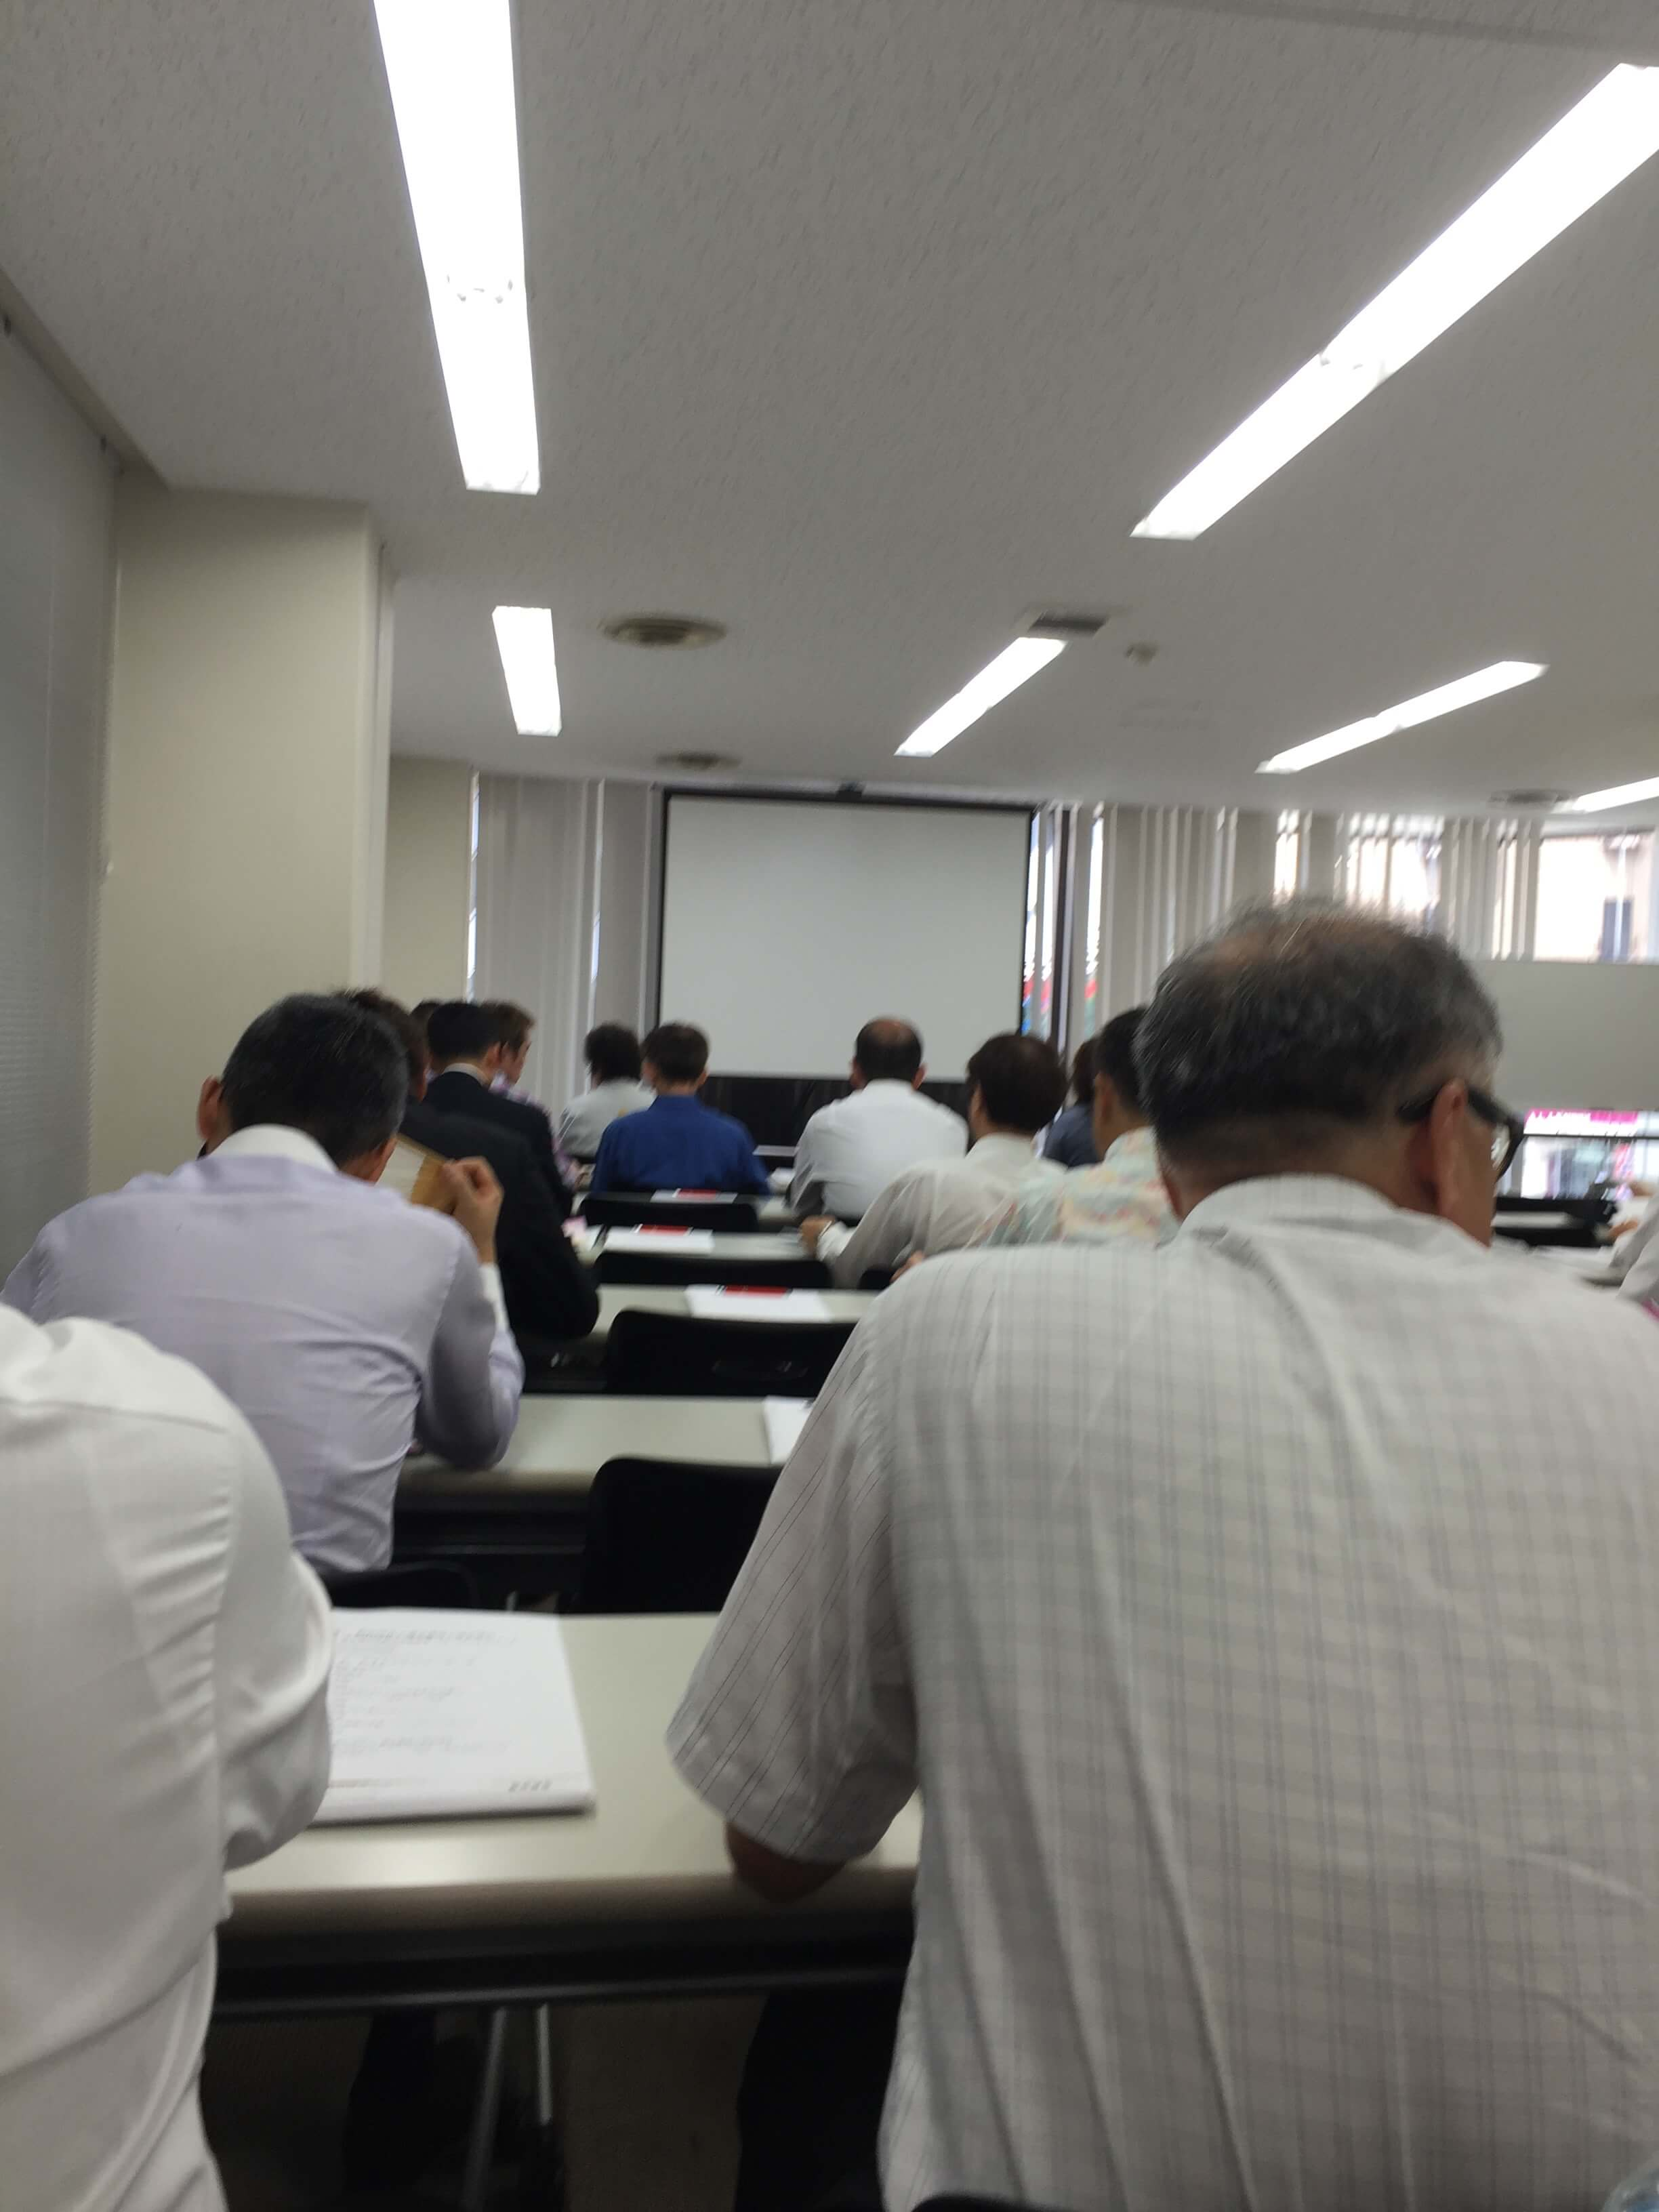 【遺品整理高齢者会員制度】セミナー受講してきました。